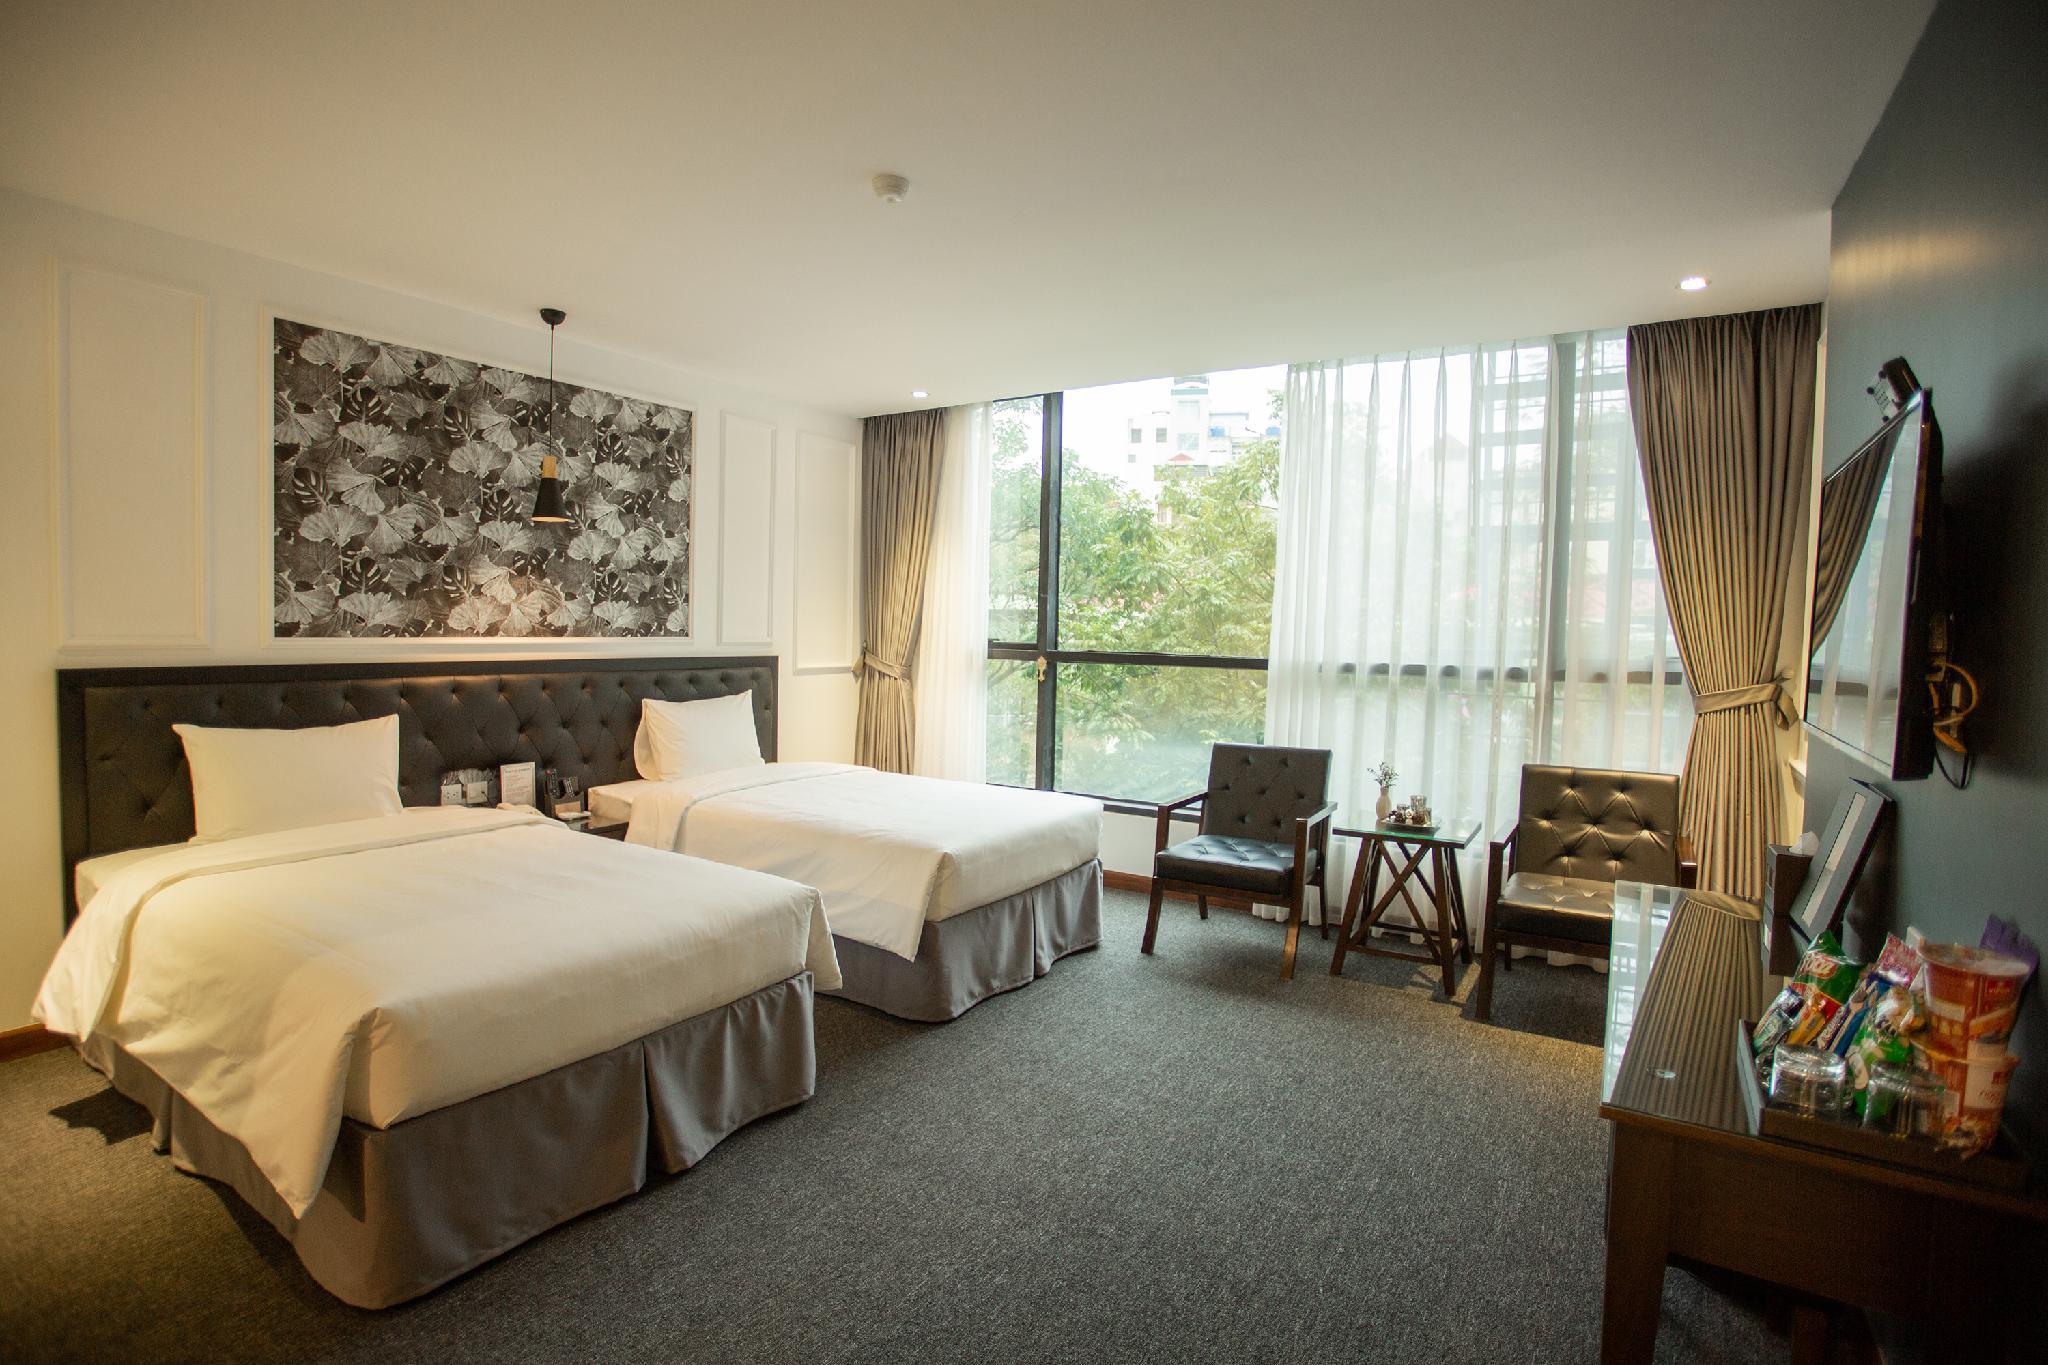 Adeline Apartment & Hotel Hanoi